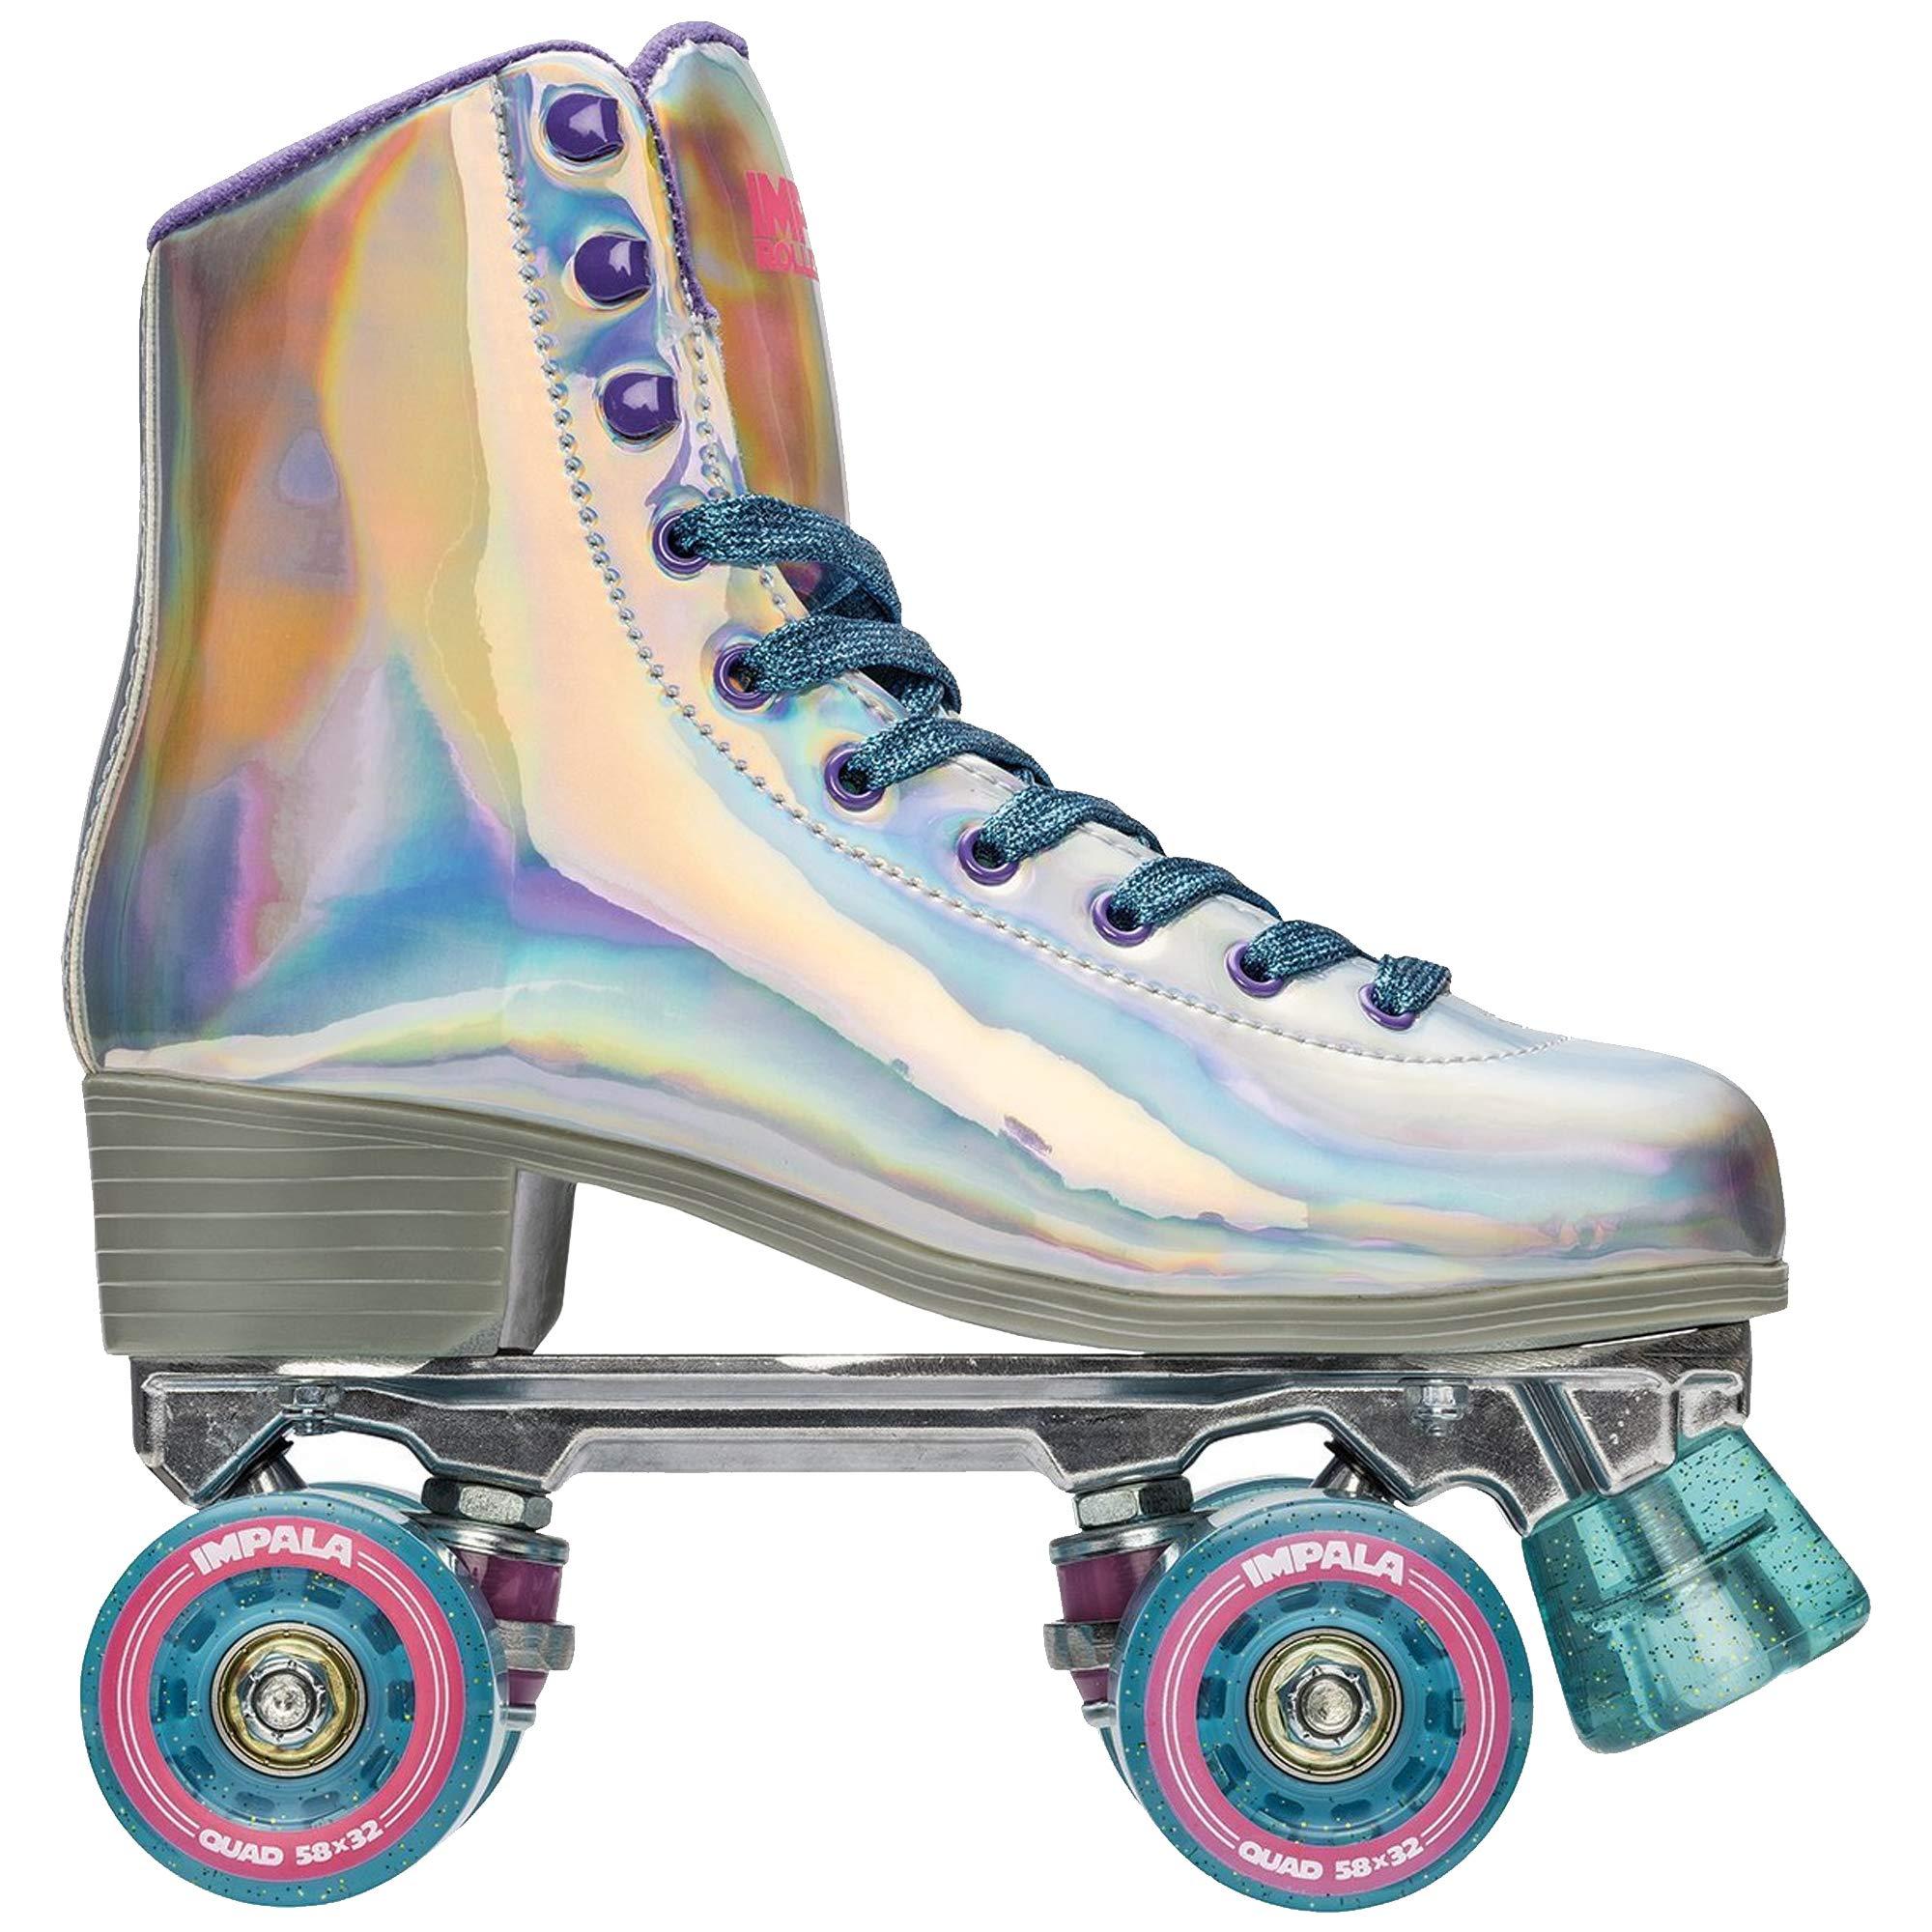 Impala RollerSkates - Holographic (7.0)